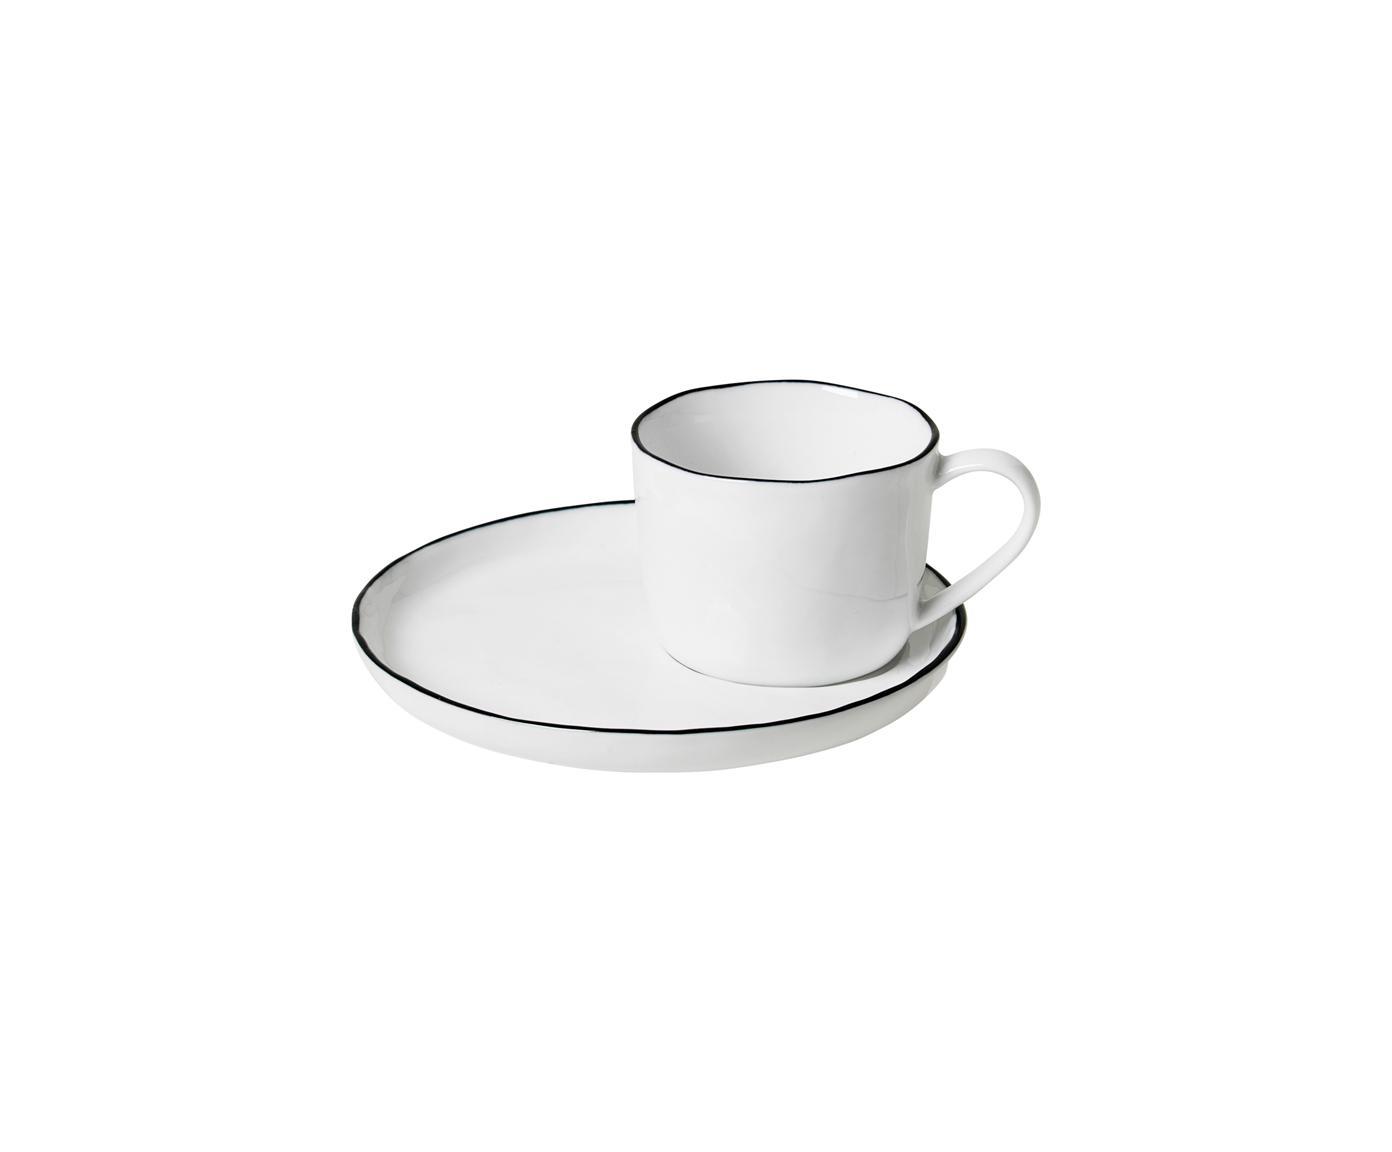 Handgemaakt espressokopje met schoteltje Salt, Porselein, Gebroken wit. Rand: zwart, Ø 6 x H 5 cm